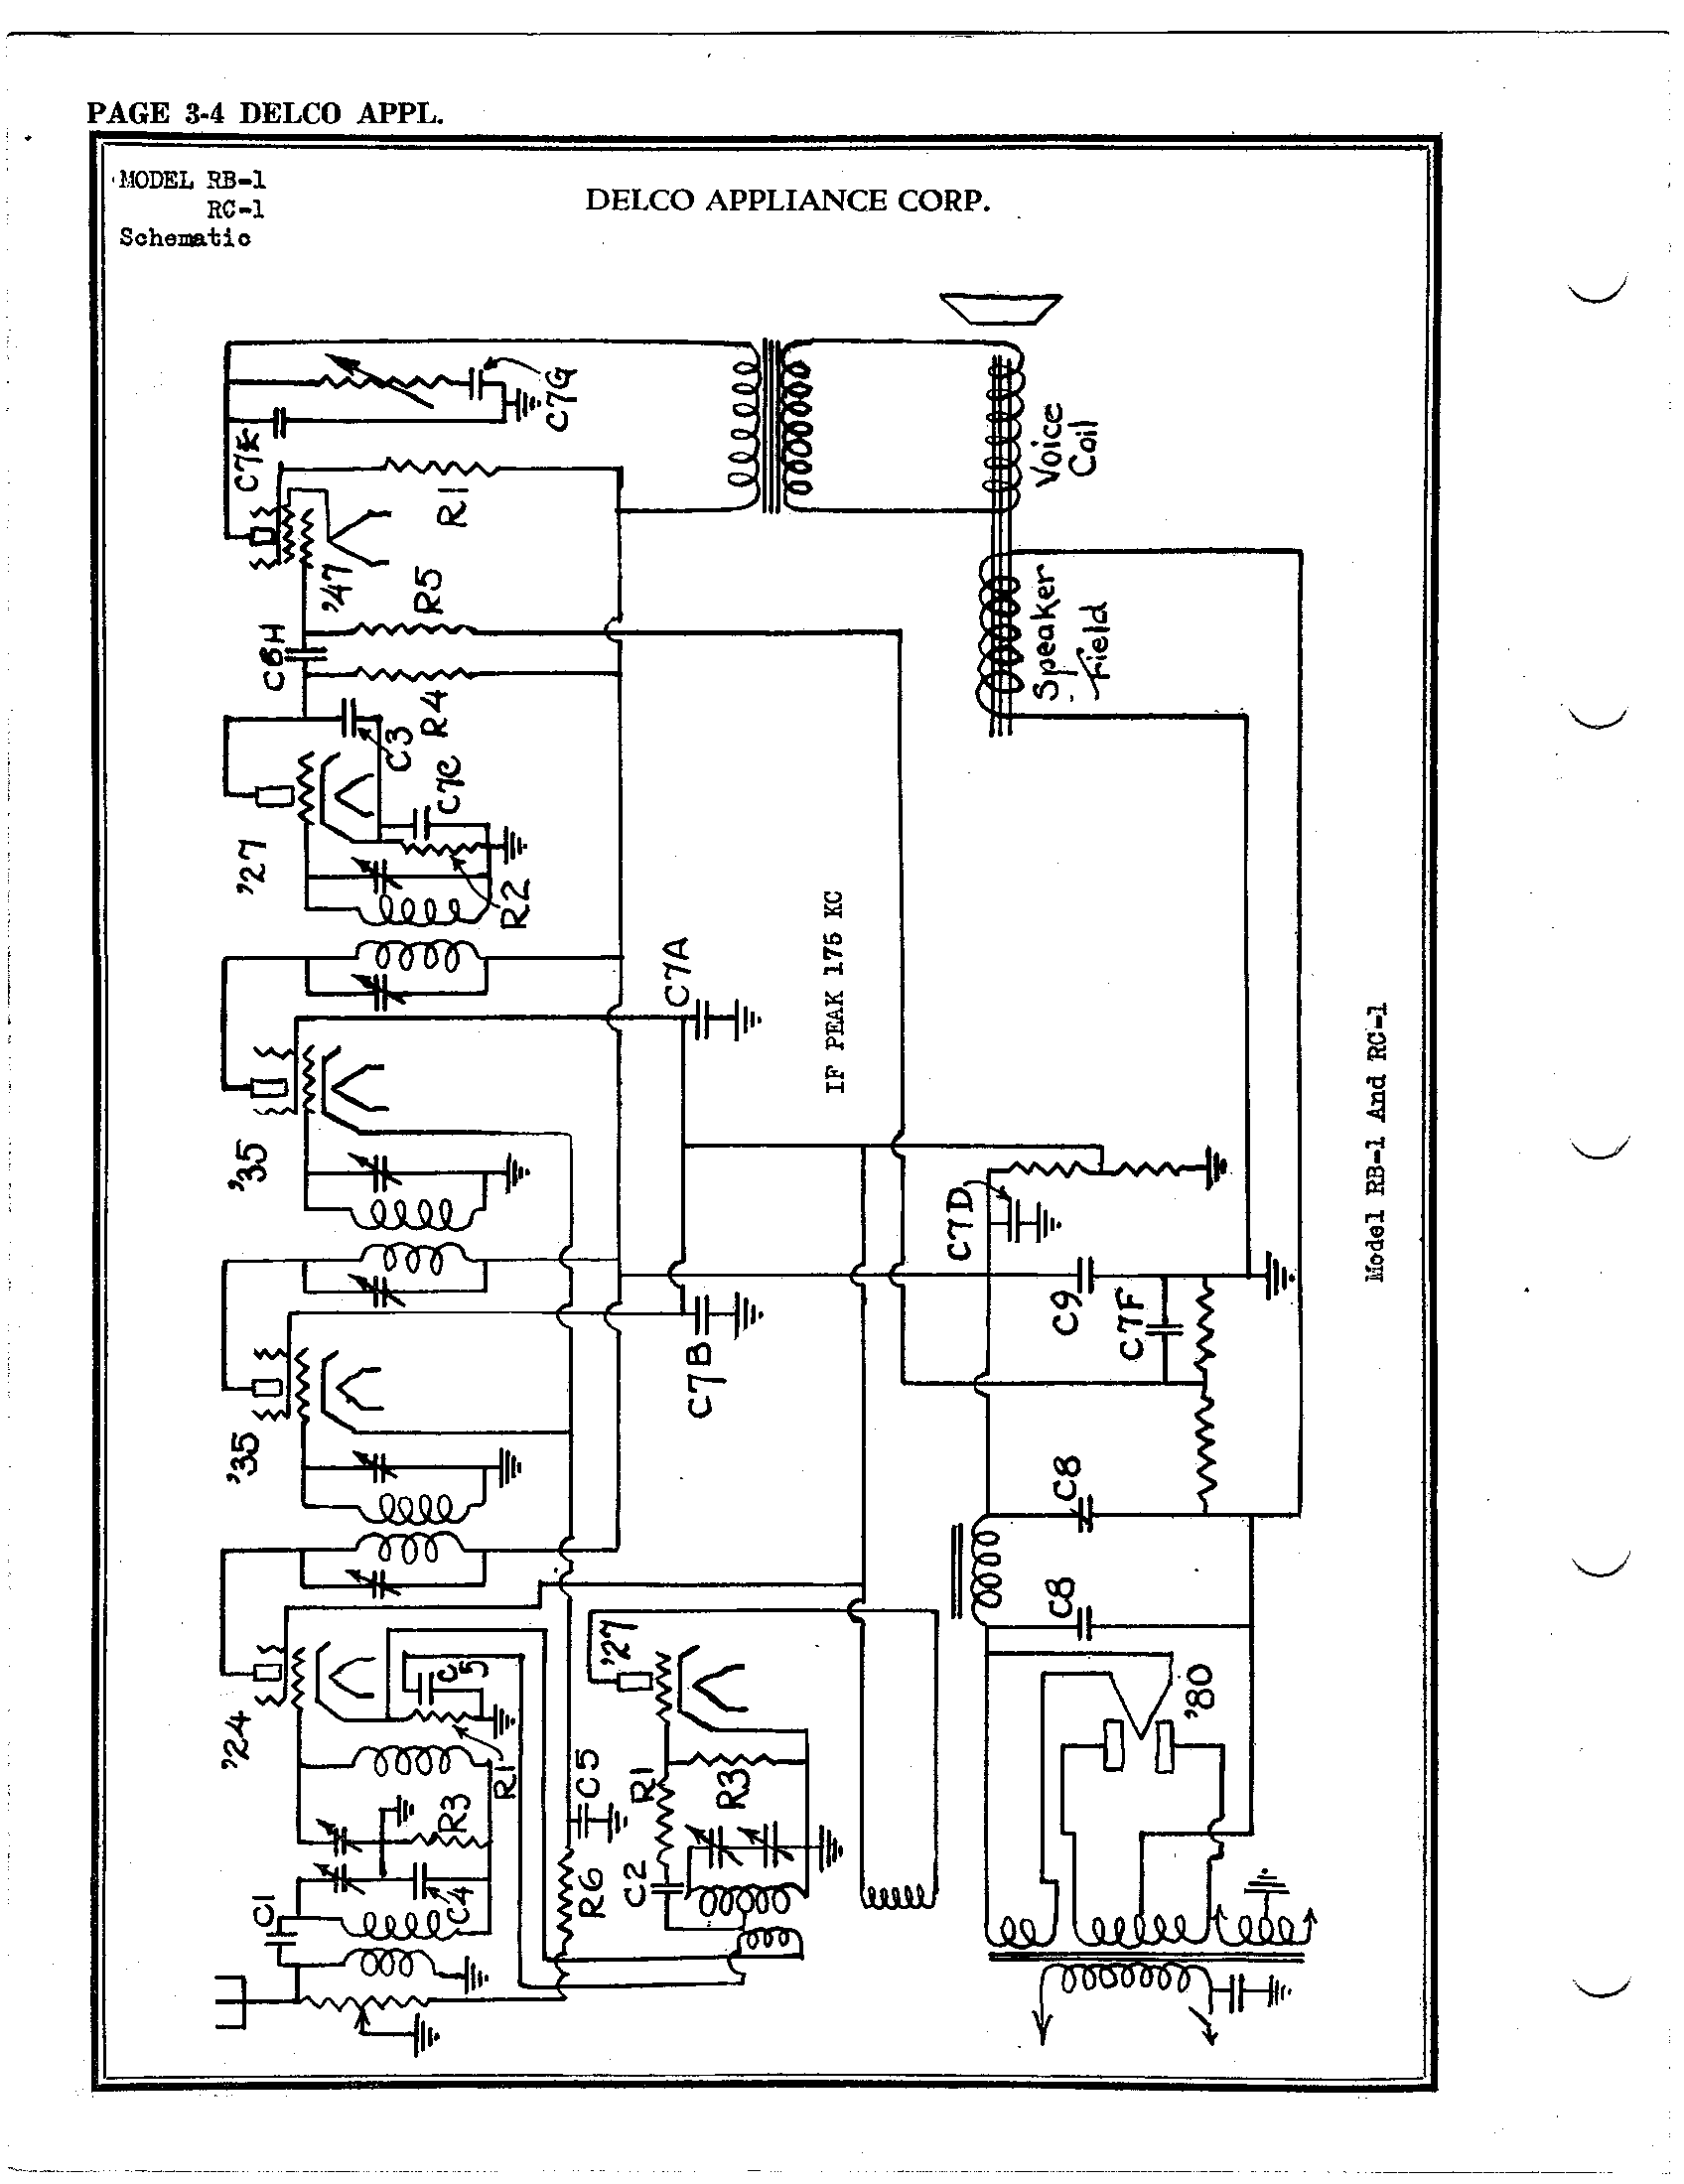 [DIAGRAM_3ER]  KS_4173] Delco 09383075 Wiring Schematic Model Free Diagram | Delco Model 16221029 Wiring Schematic |  | Funi Stap Drosi Exmet Mohammedshrine Librar Wiring 101